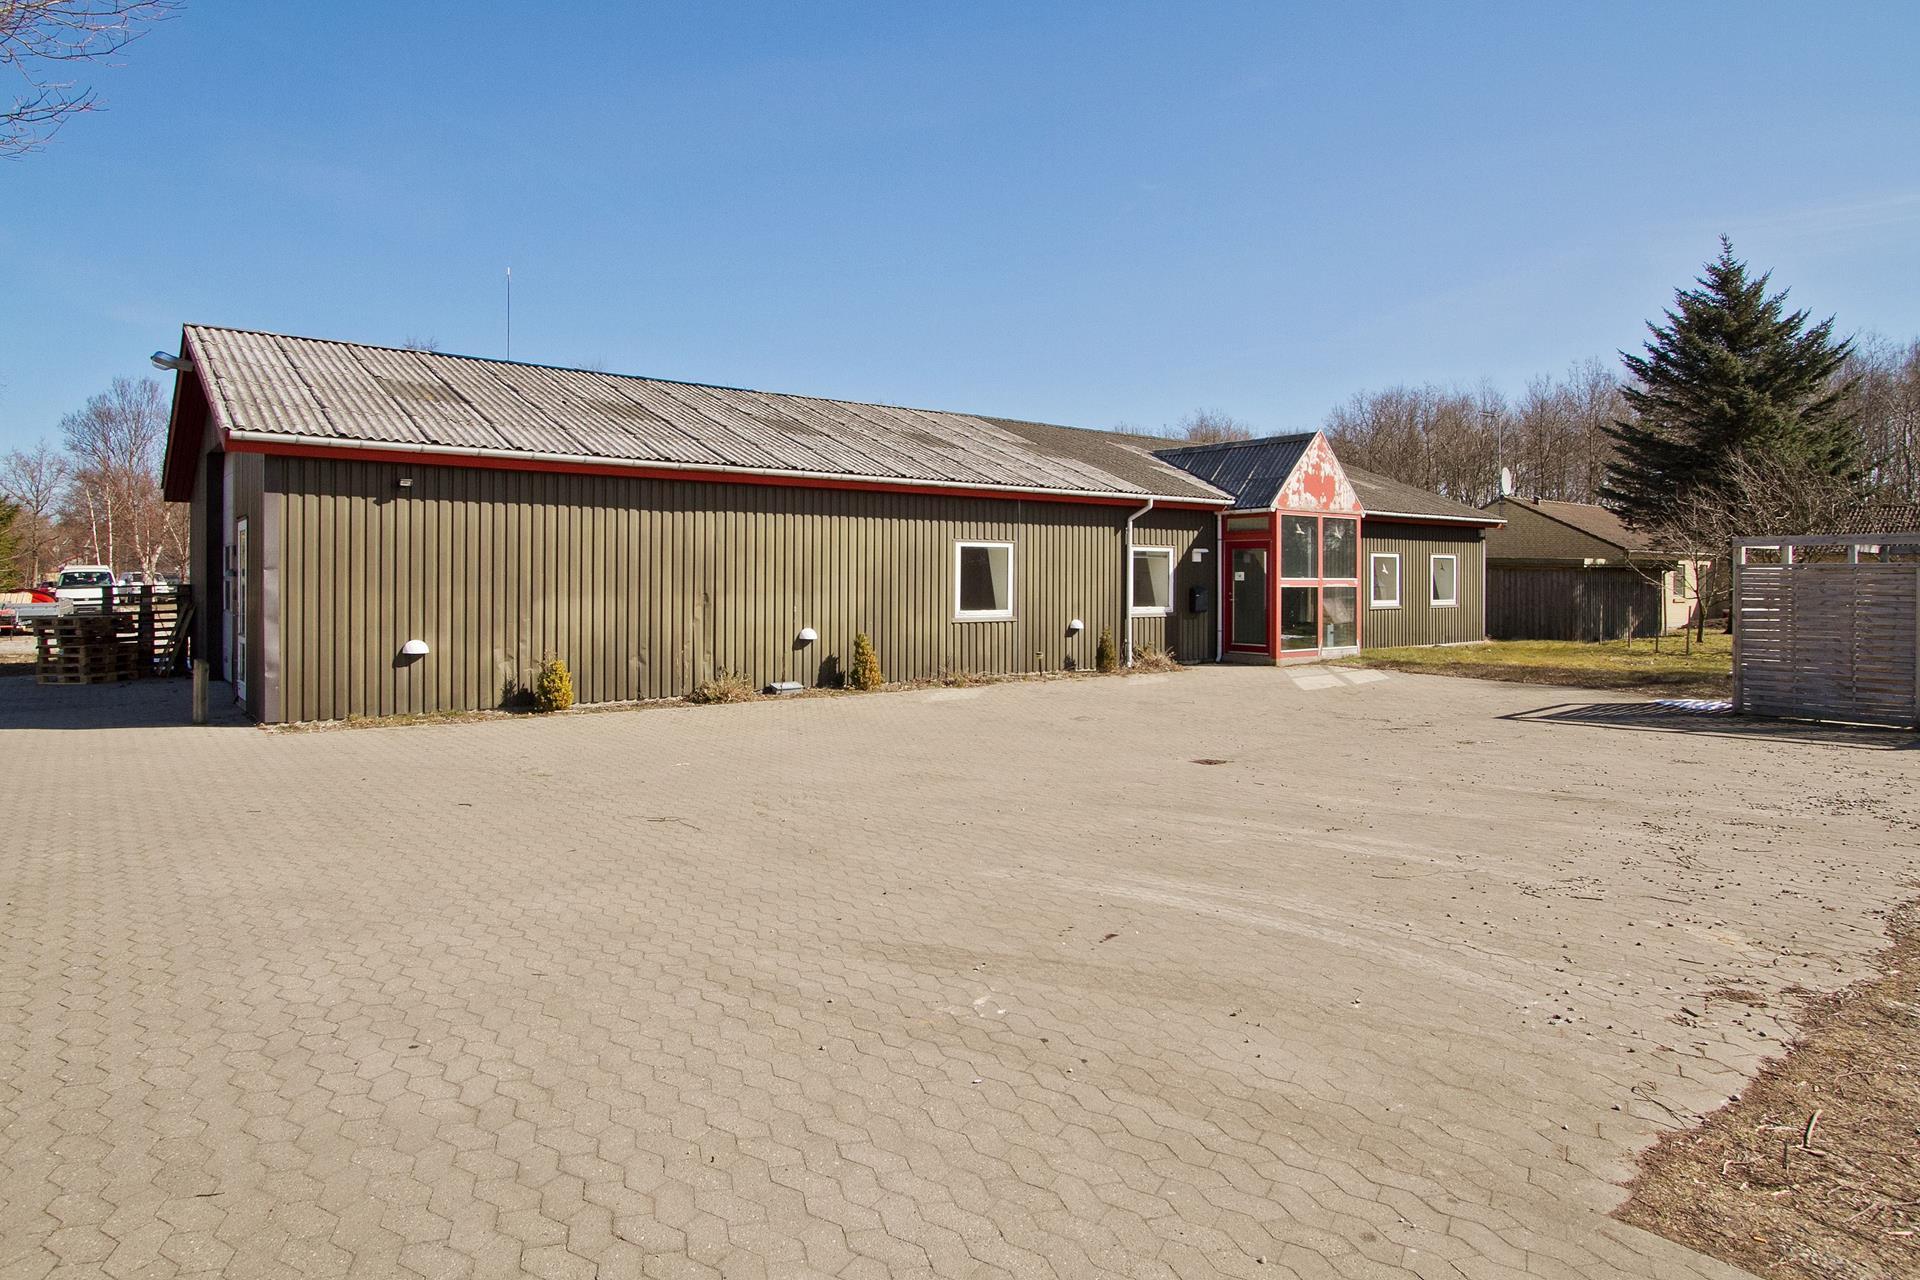 Bolig/erhverv på Langagervej i Kalundborg - Parkeringsareal